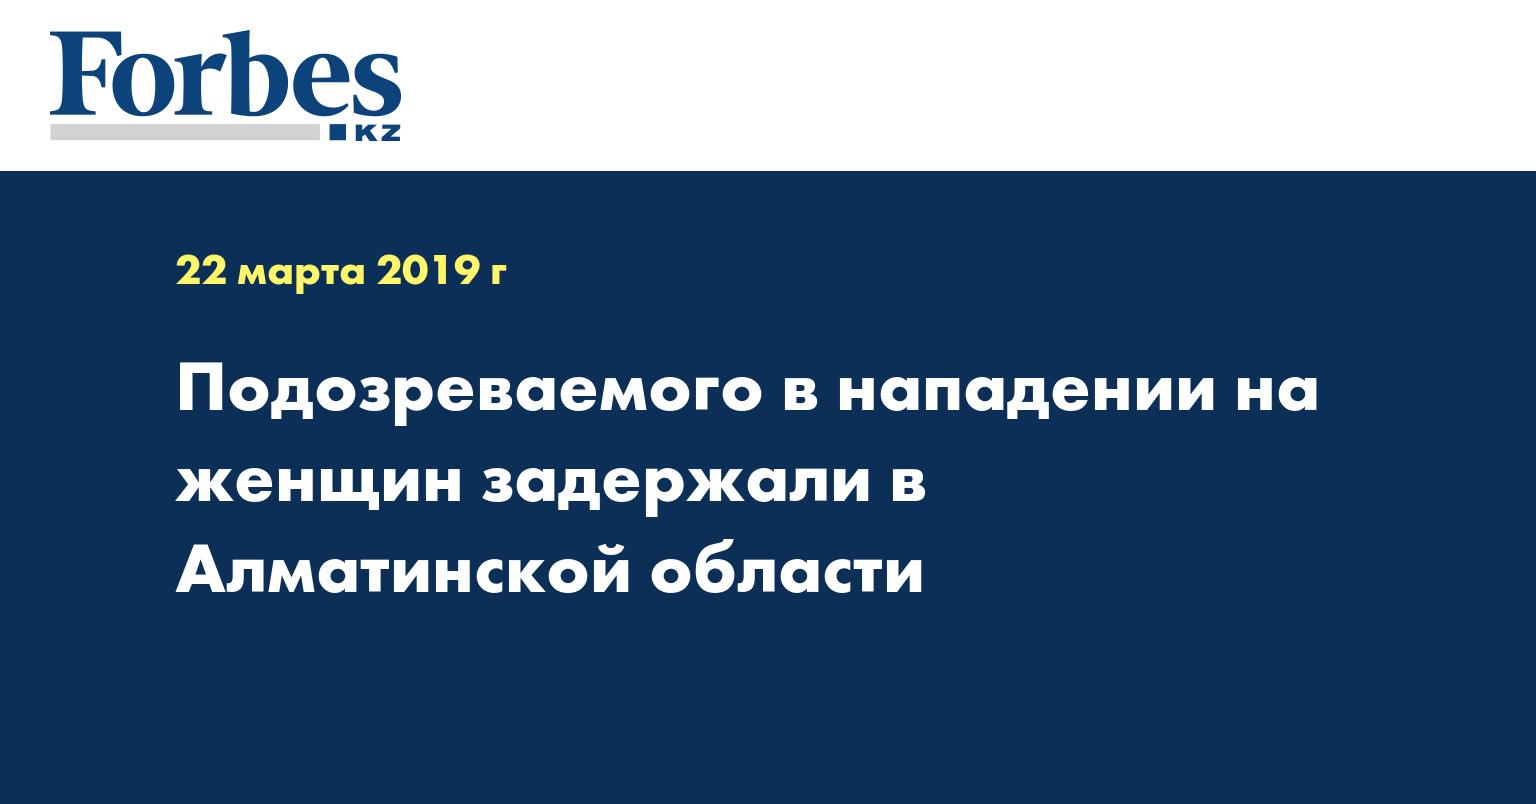 Подозреваемого в нападении на женщин задержали в Алматинской области